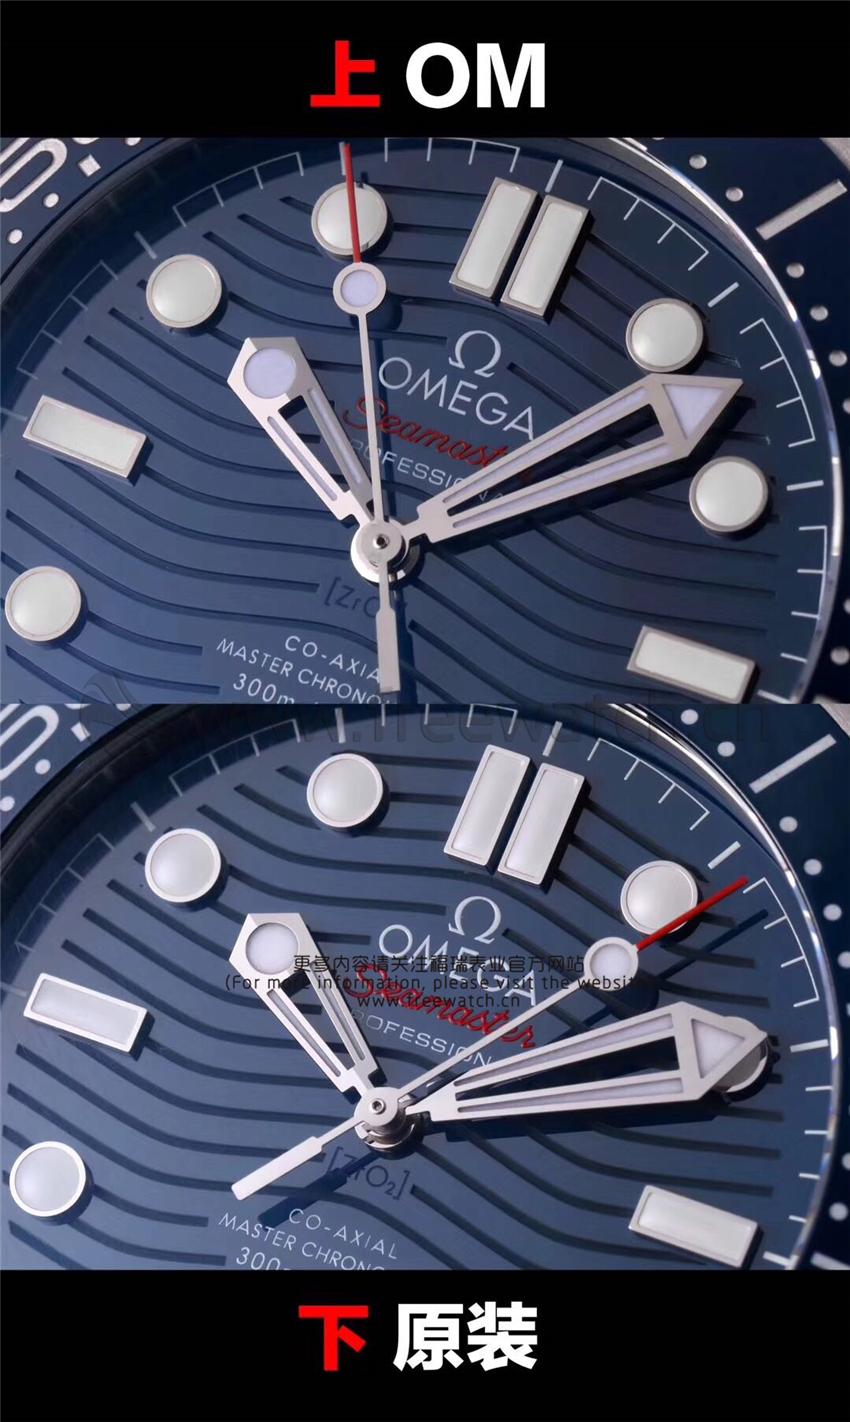 OM厂欧米茄海马300对比正品评测-第4张